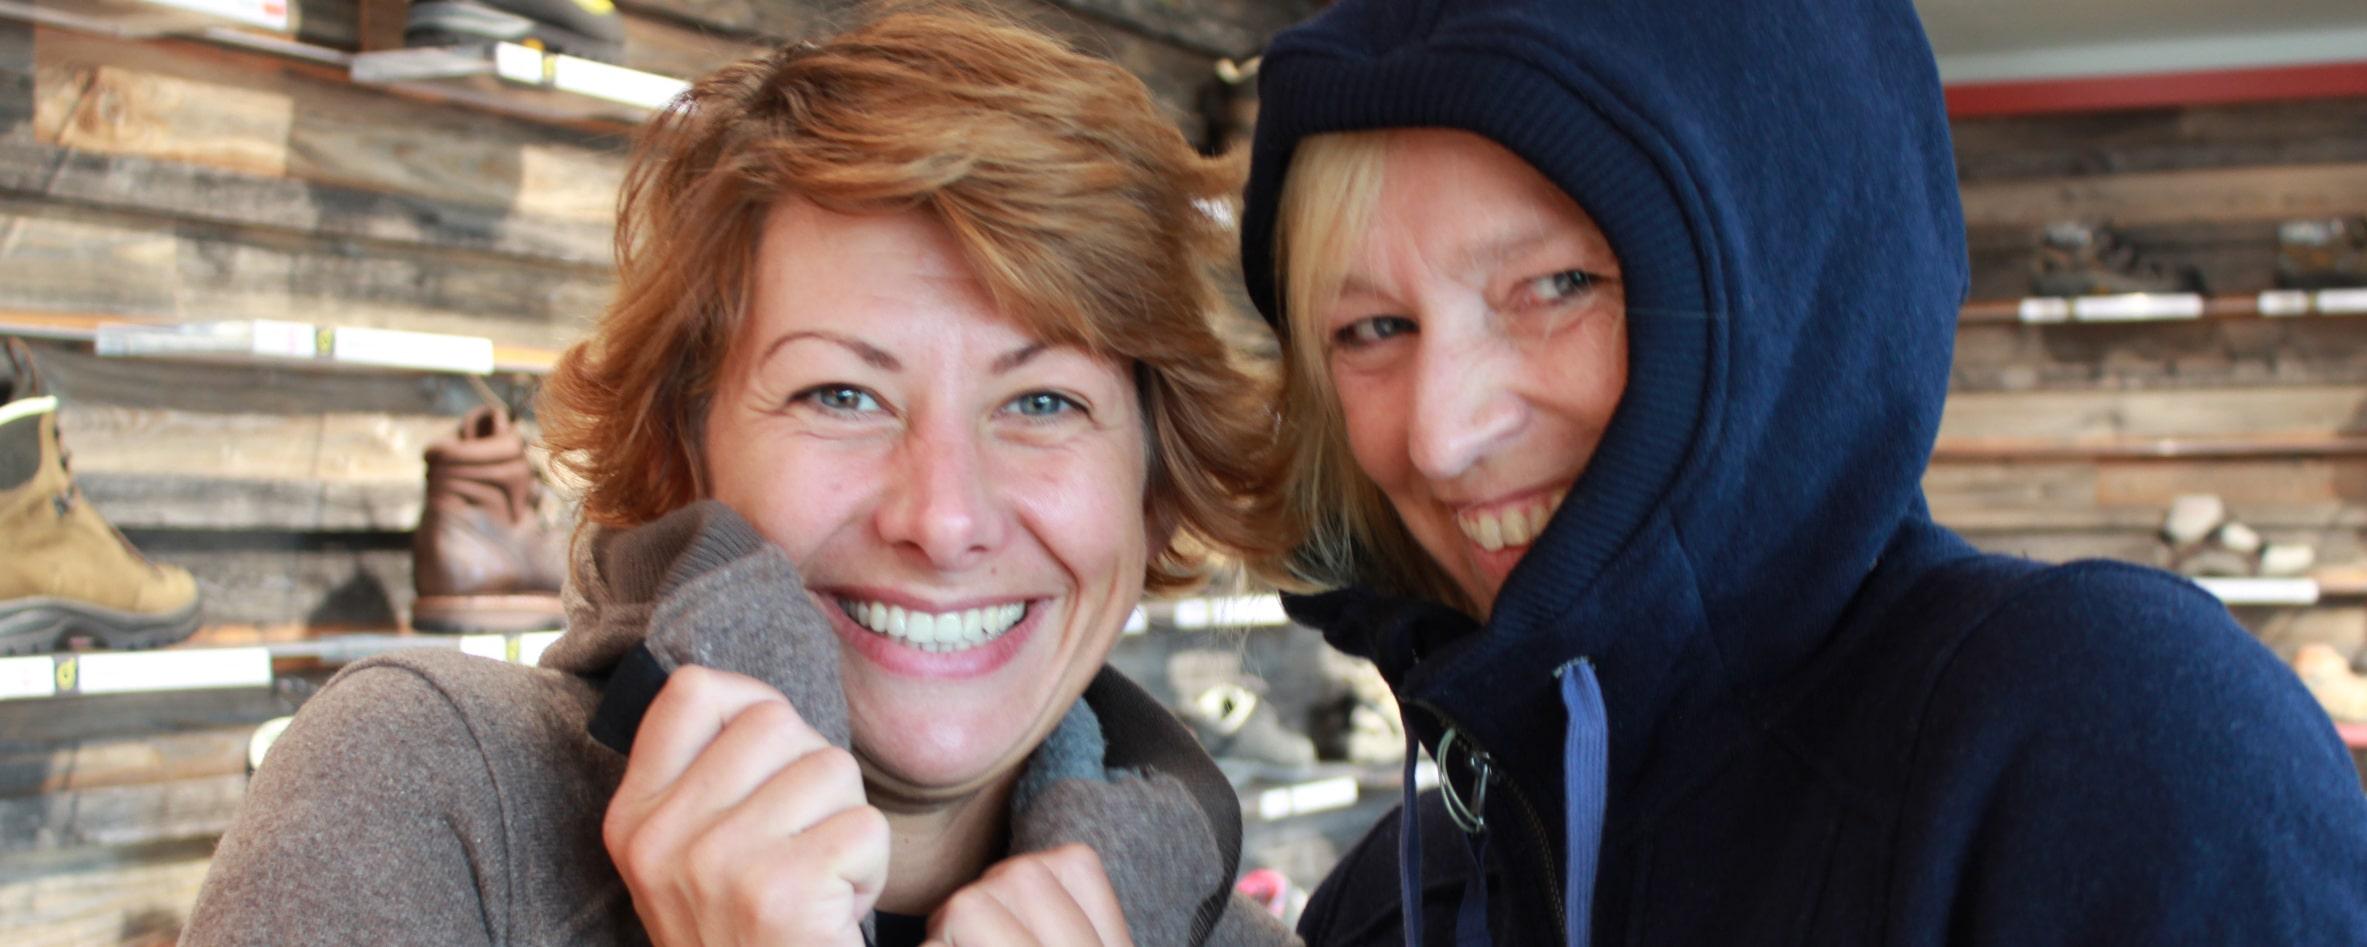 """Janice und Anke probieren die """"Neuen"""""""